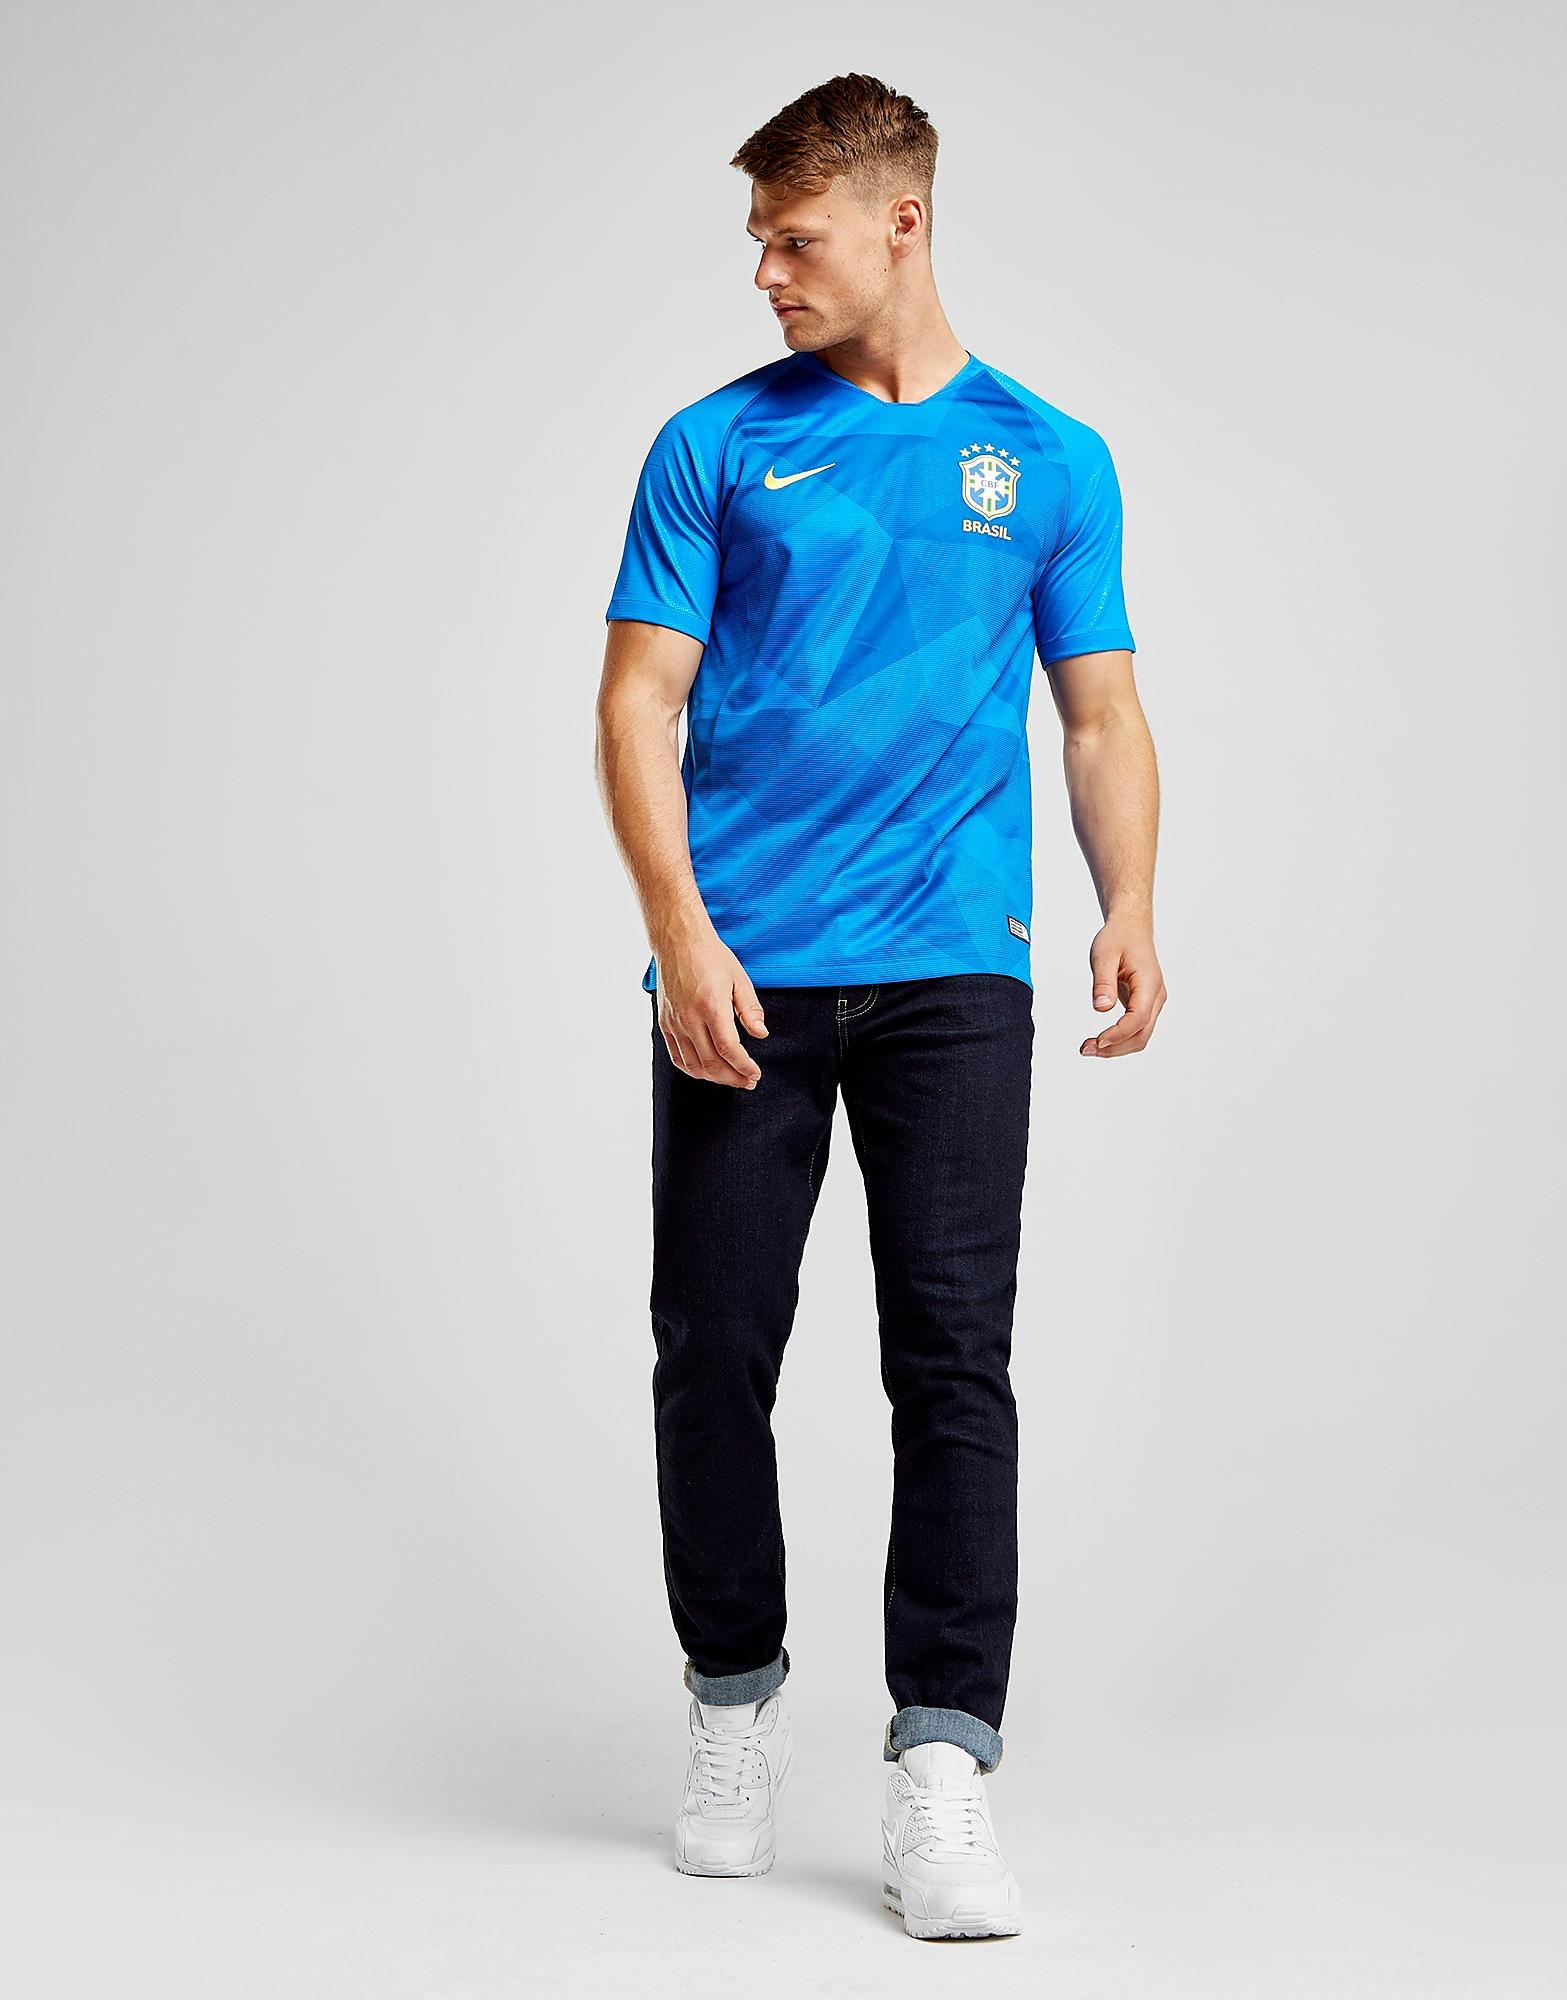 Nike Brazil 2018 Away Shirt